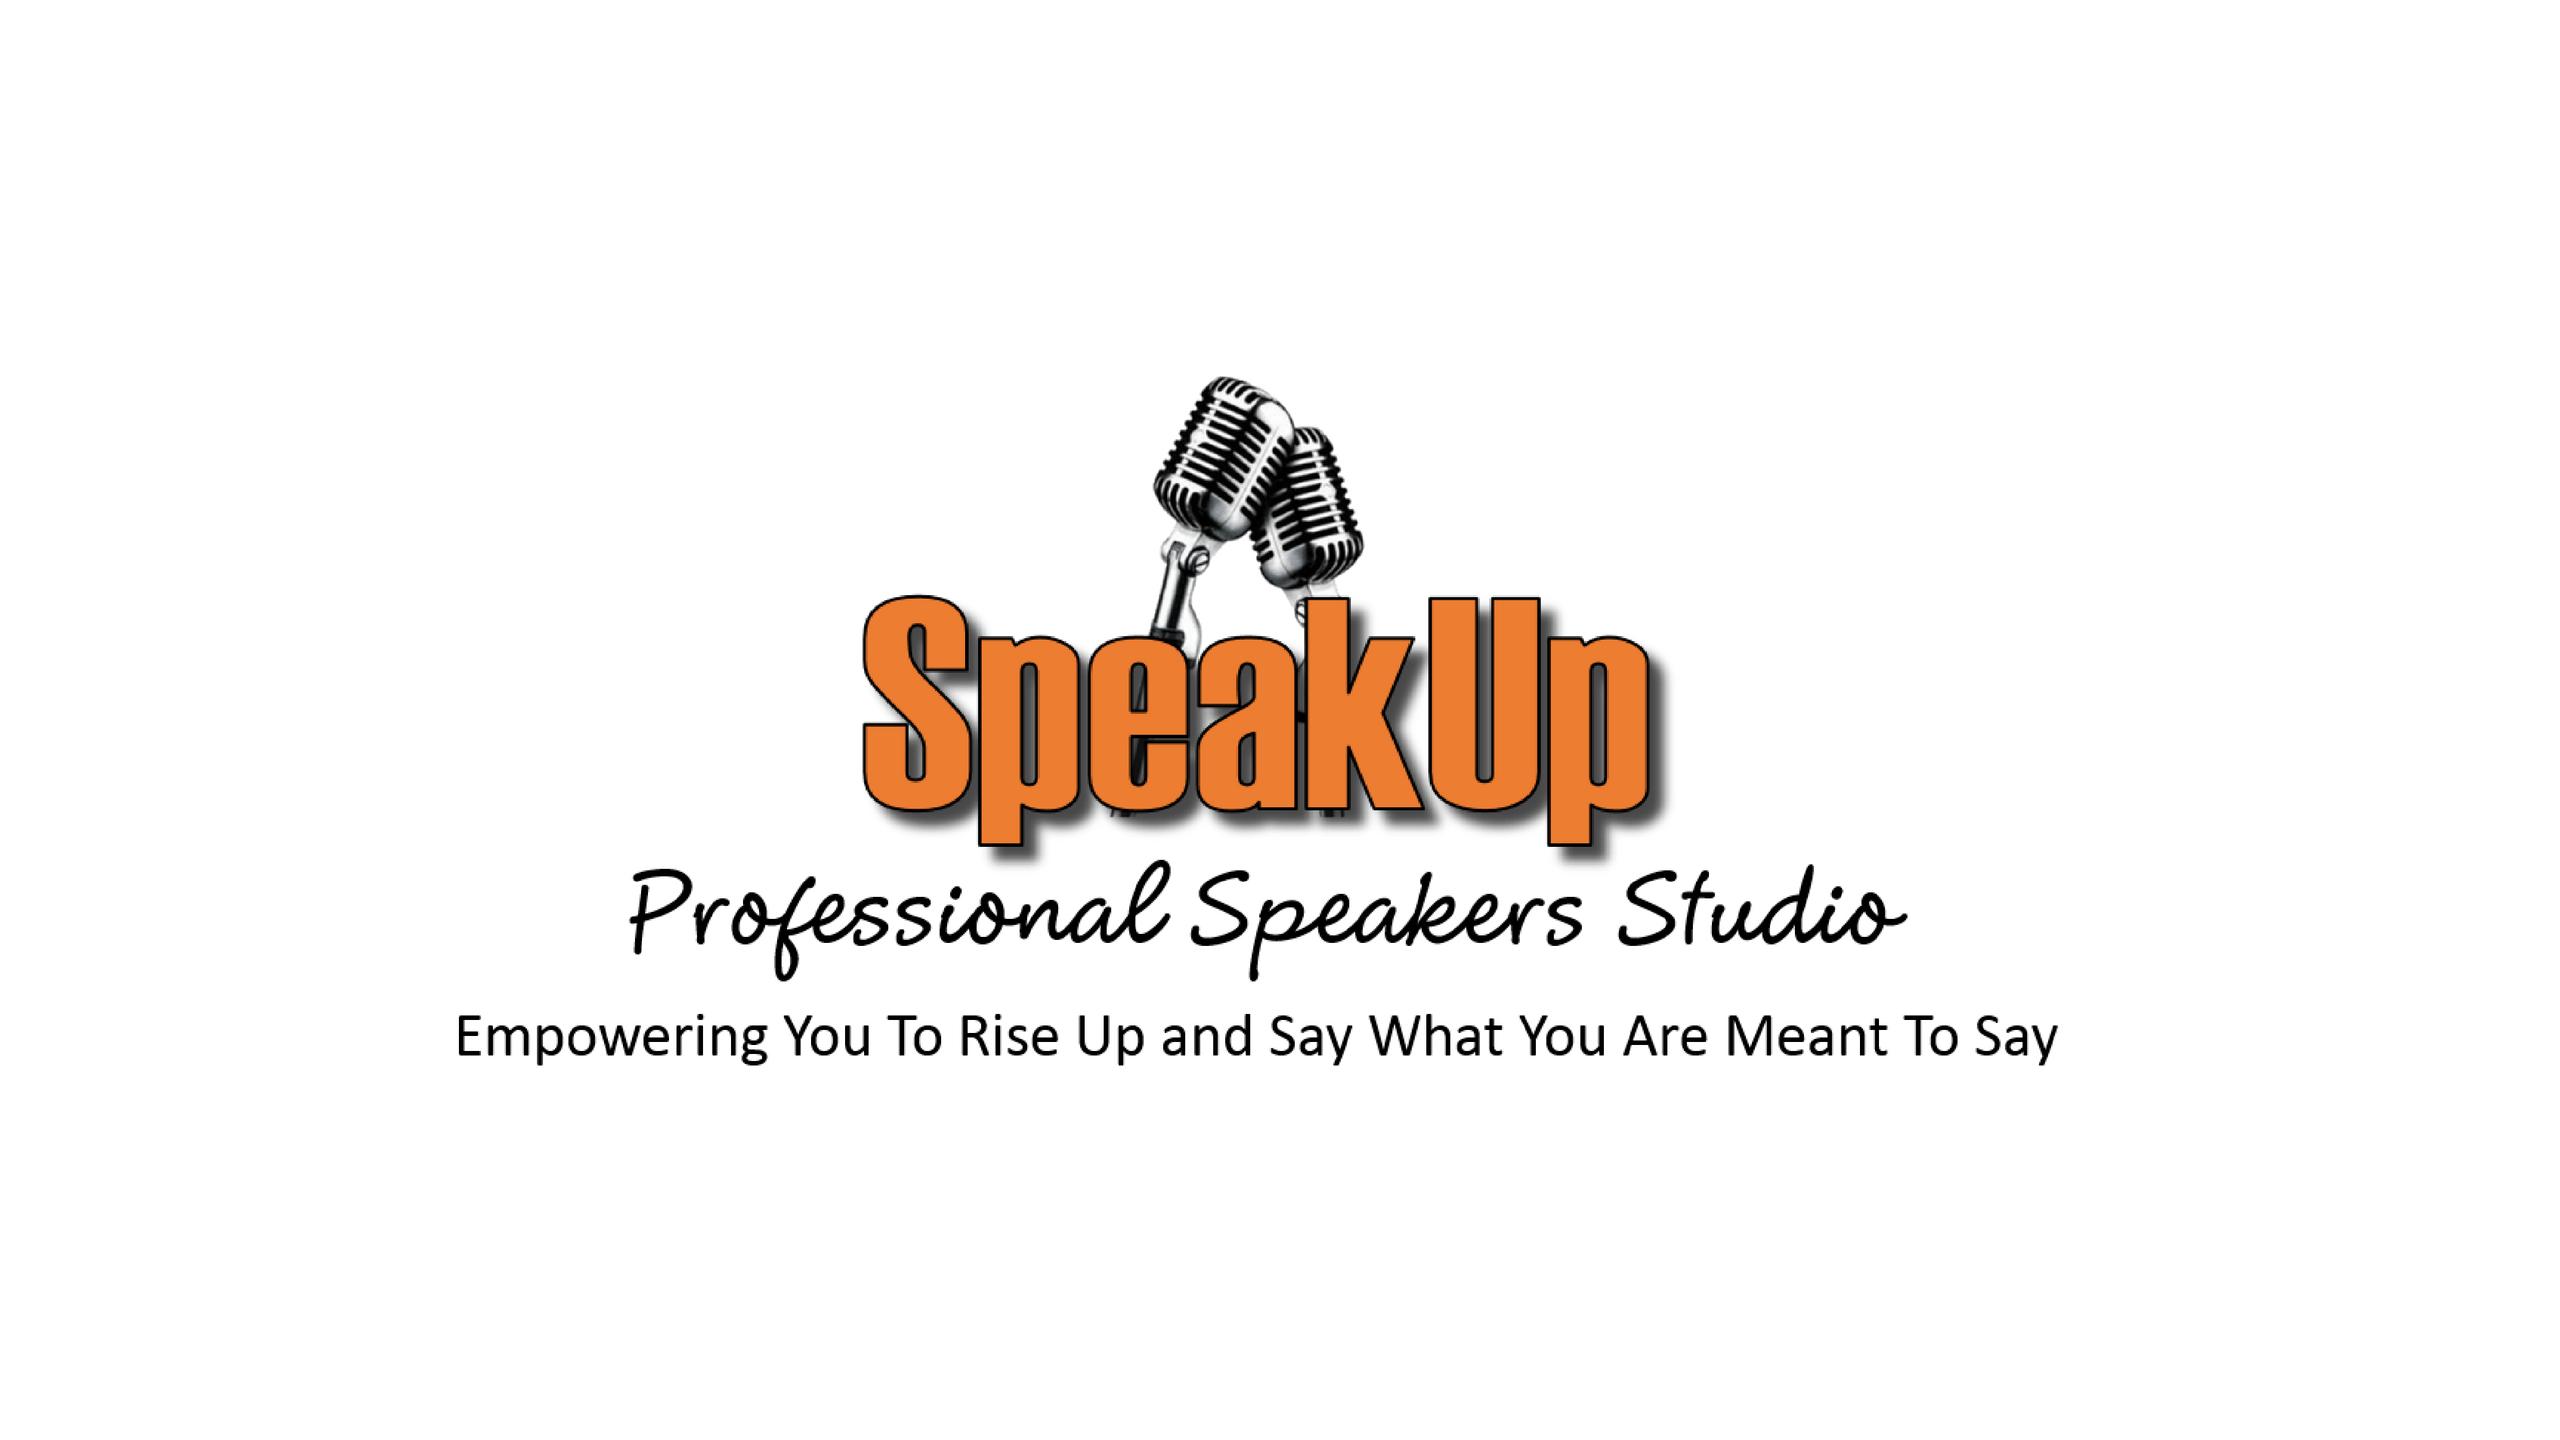 SpeakUp - Professional Speakers Studio